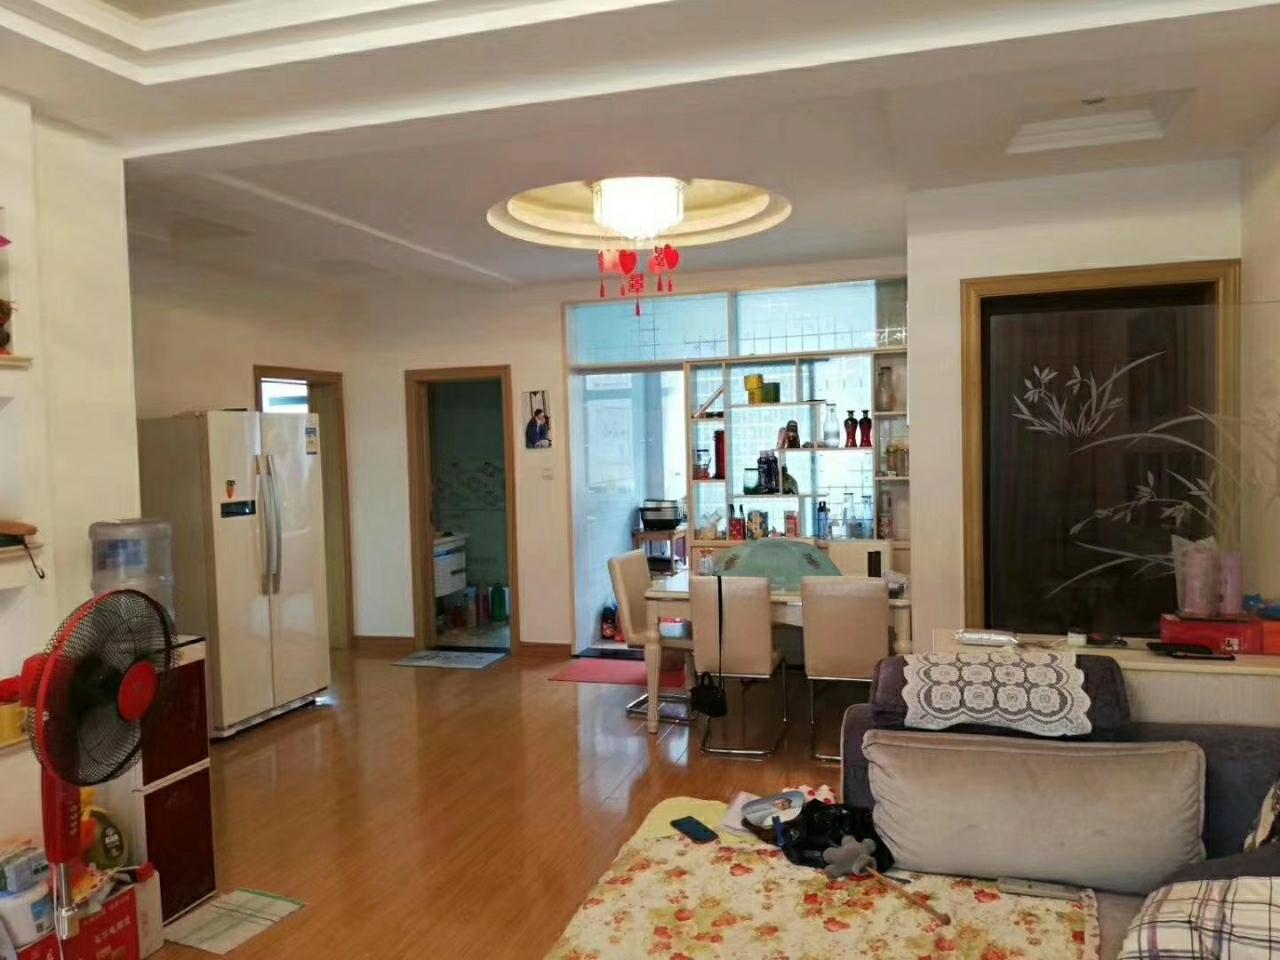 润城【024】3室 2厅 1卫69.8万元